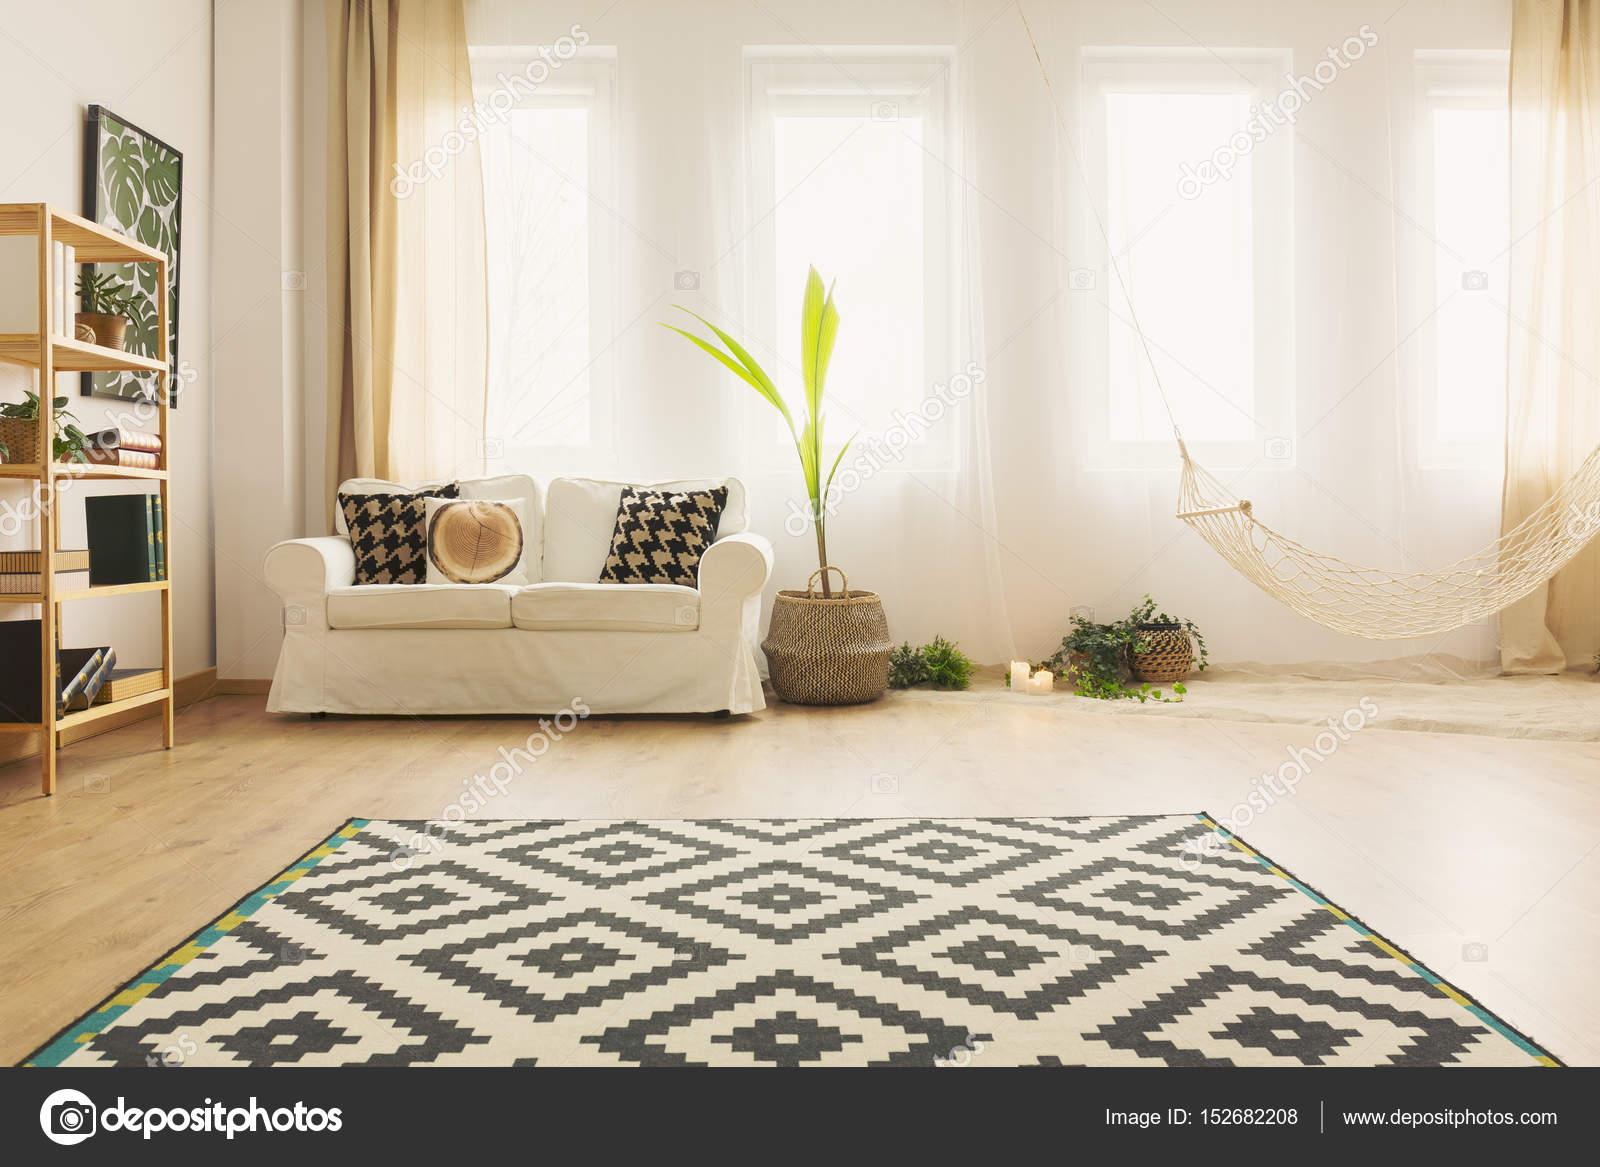 Wohnzimmer Sand | Sand Wohnzimmer Mit Hangematte Stockfoto C Photographee Eu 152682208